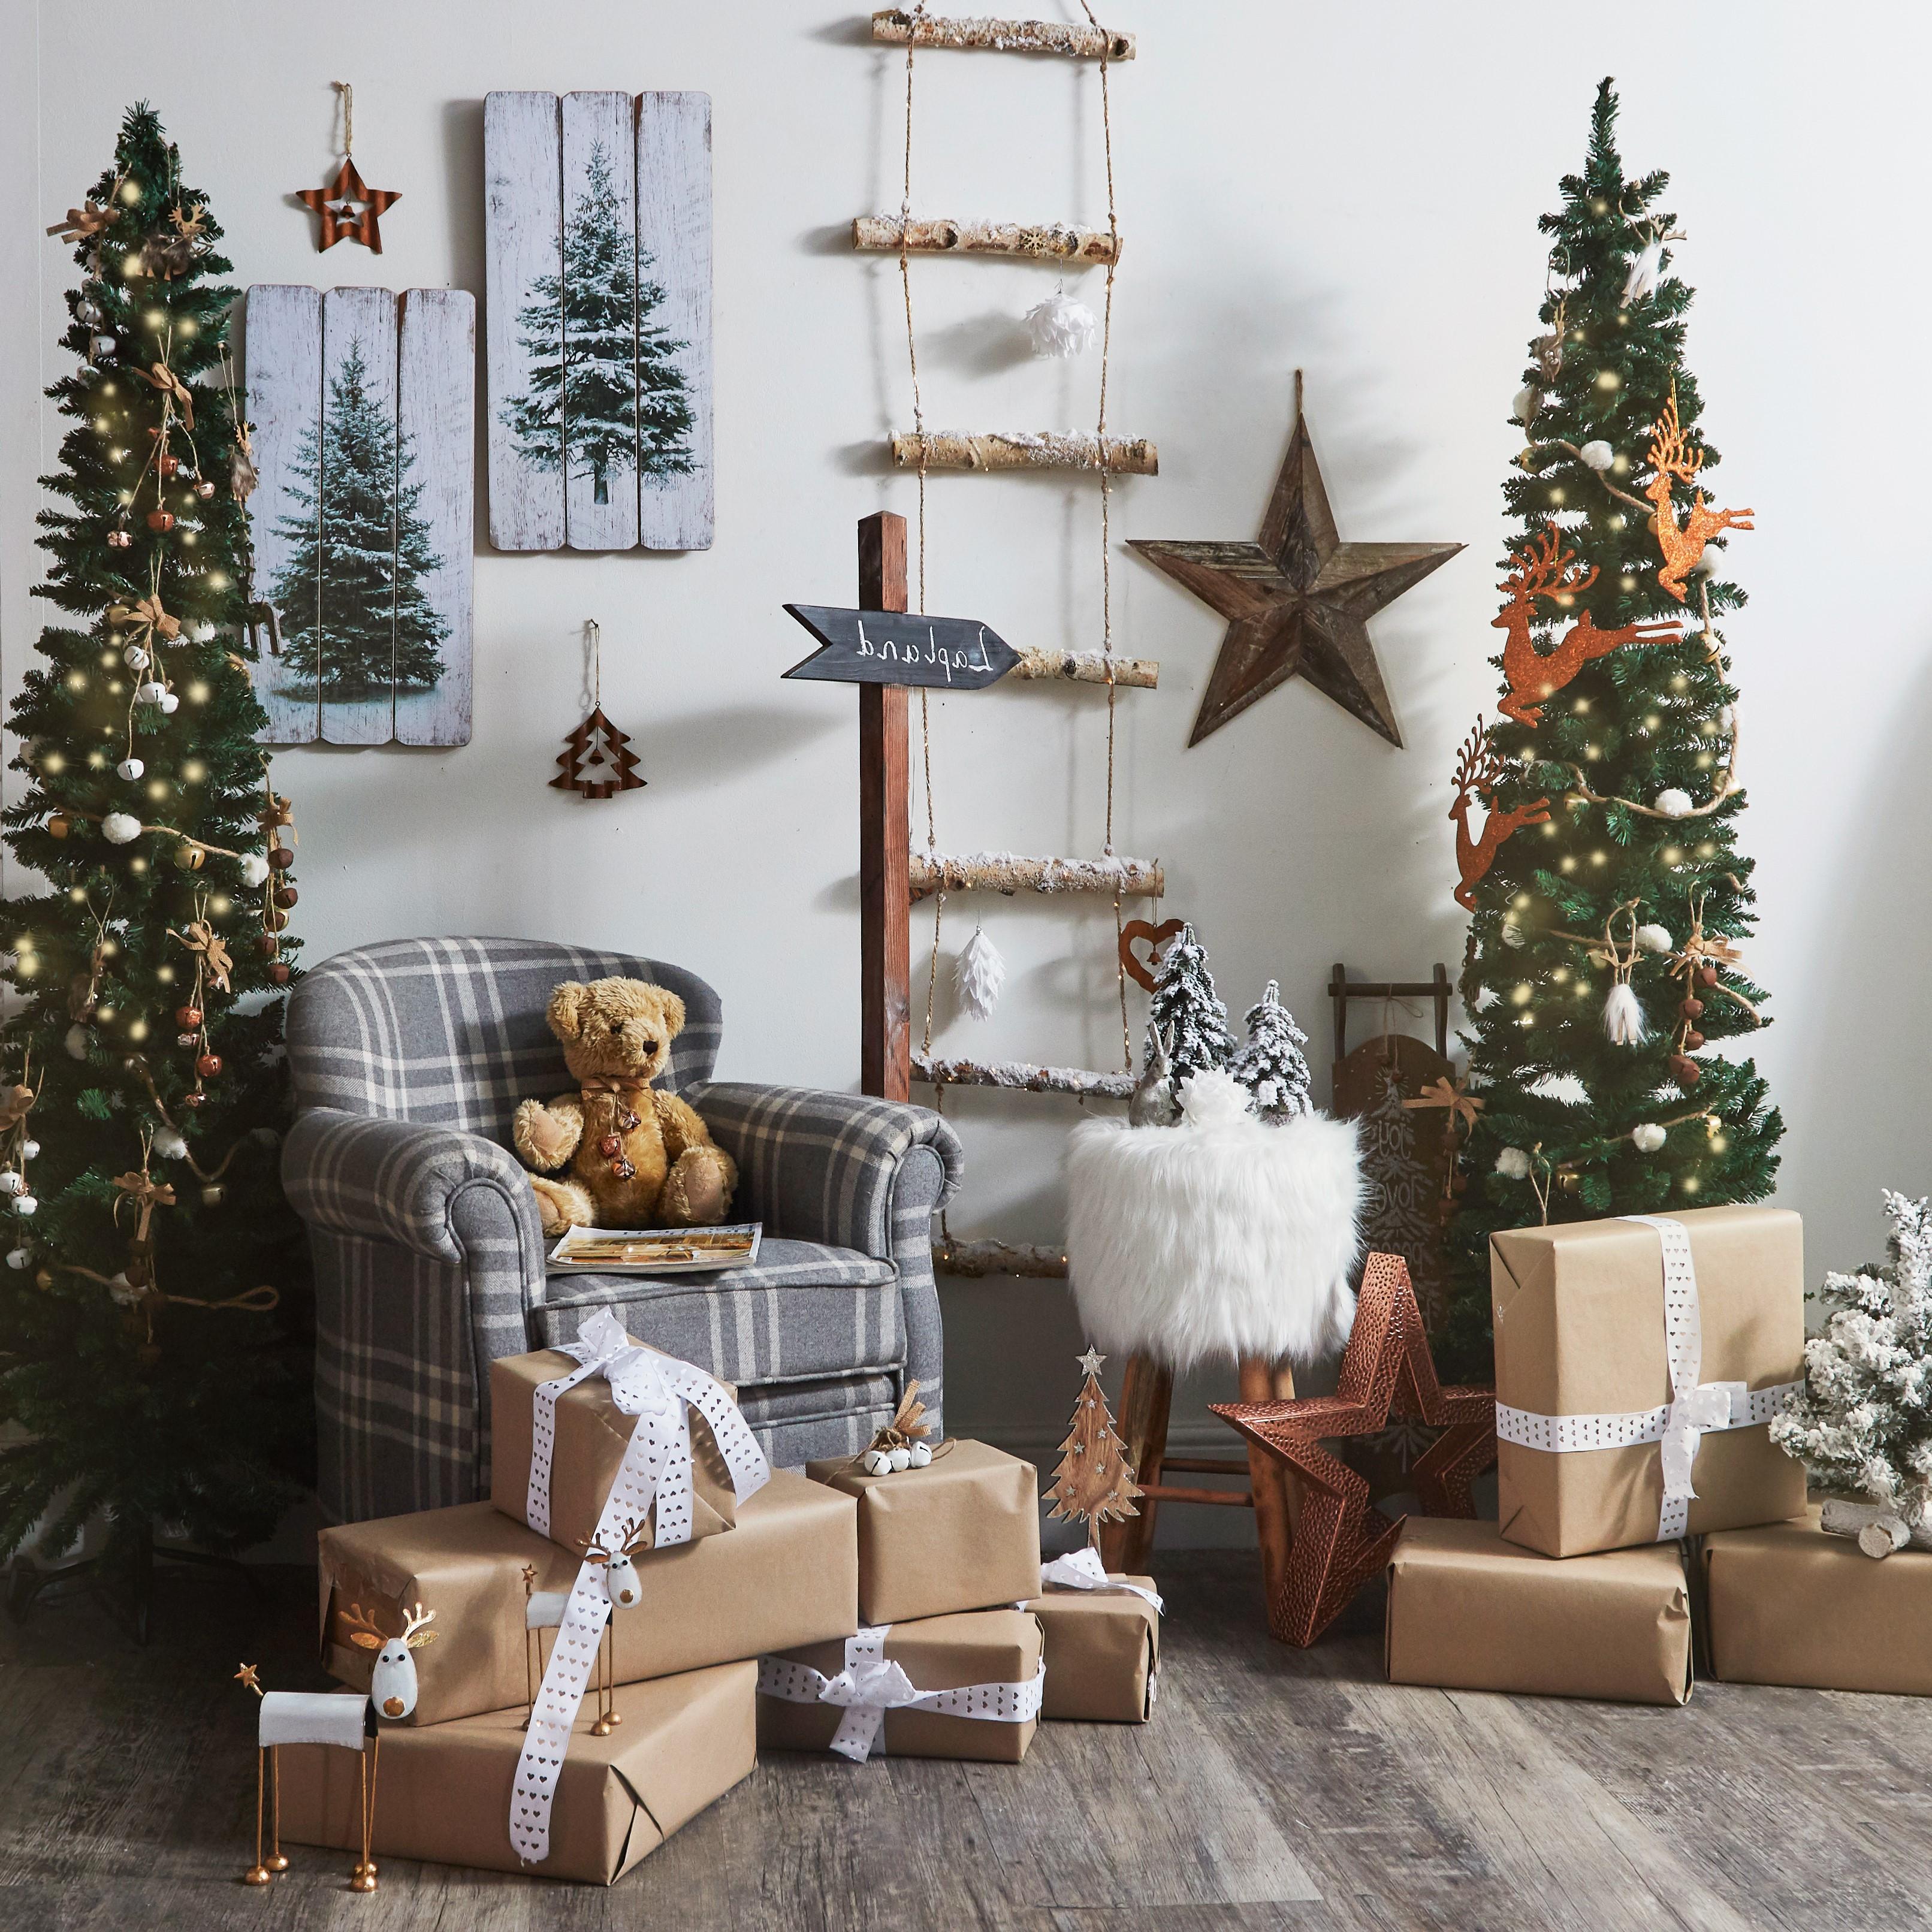 Faites d'un ours en peluche le centre de votre décoration de Noël chalereuse.